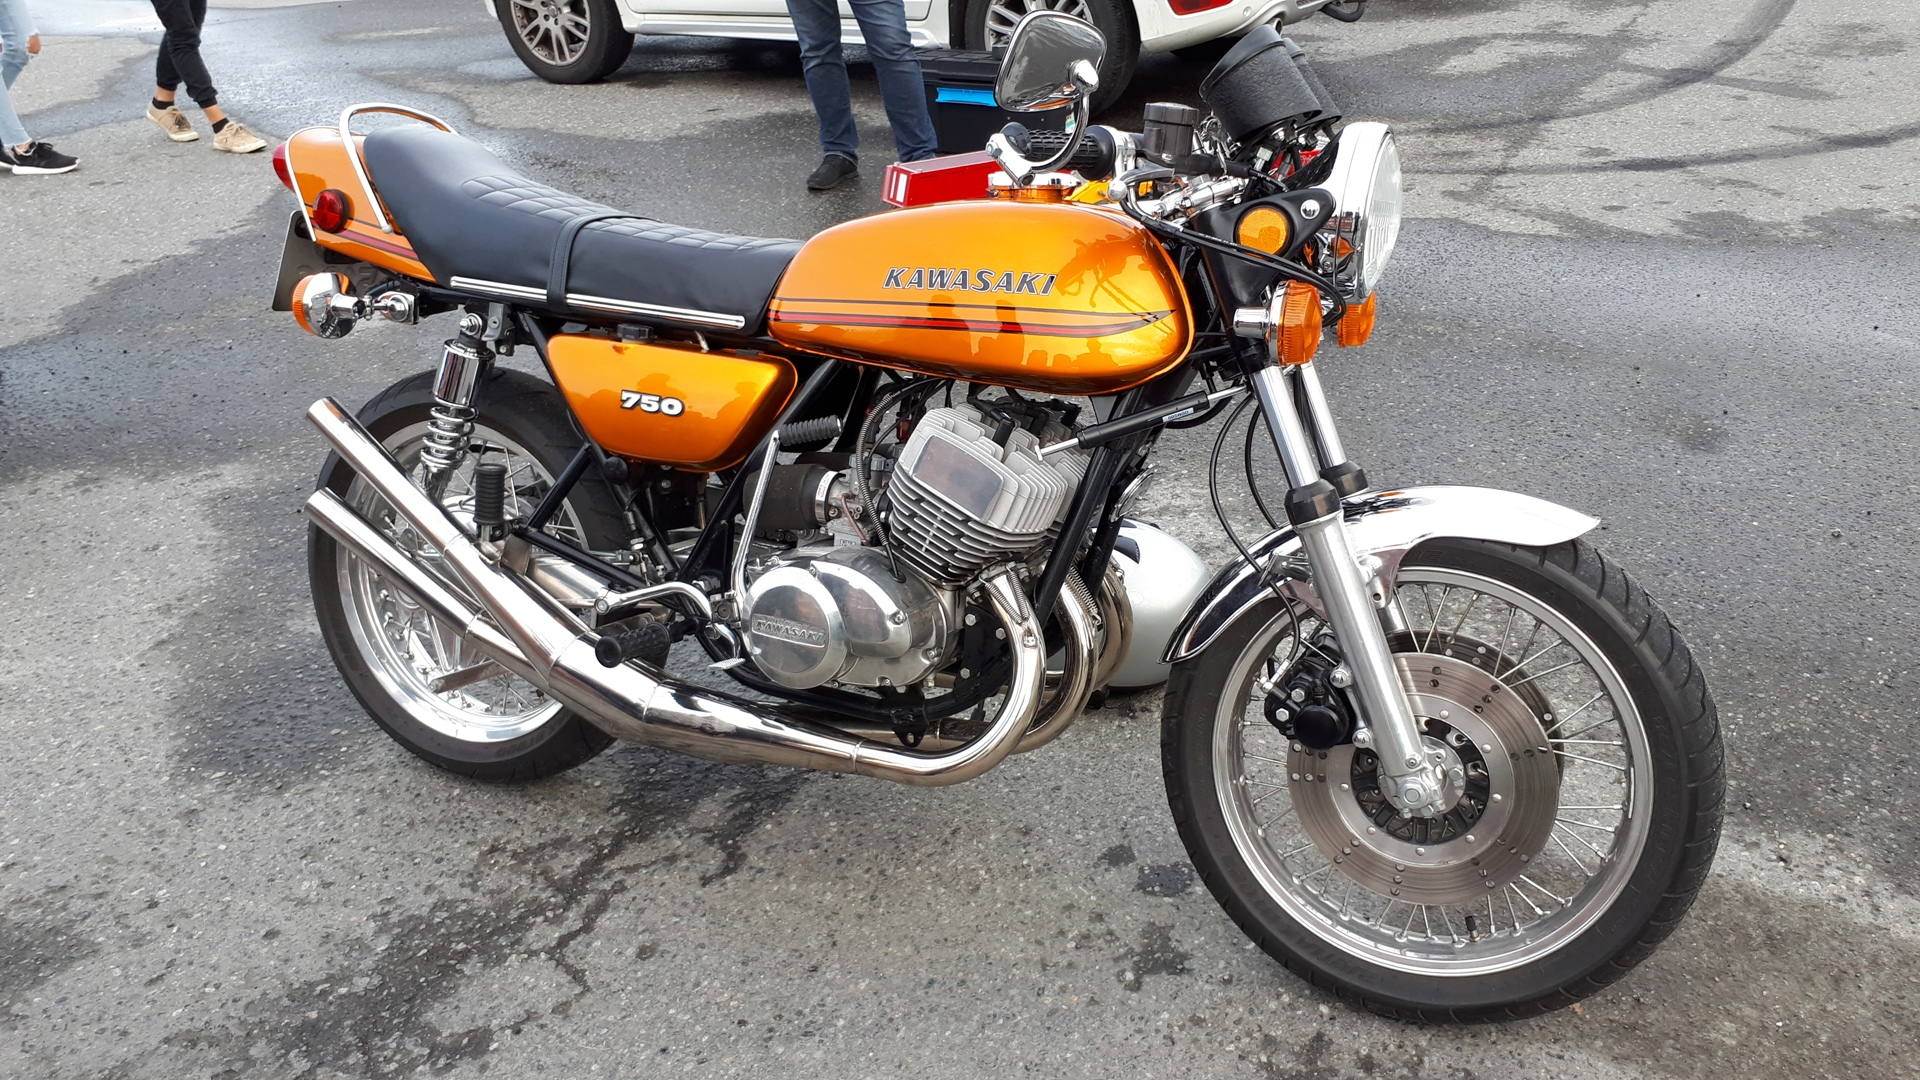 Kawasaki 750.jpg